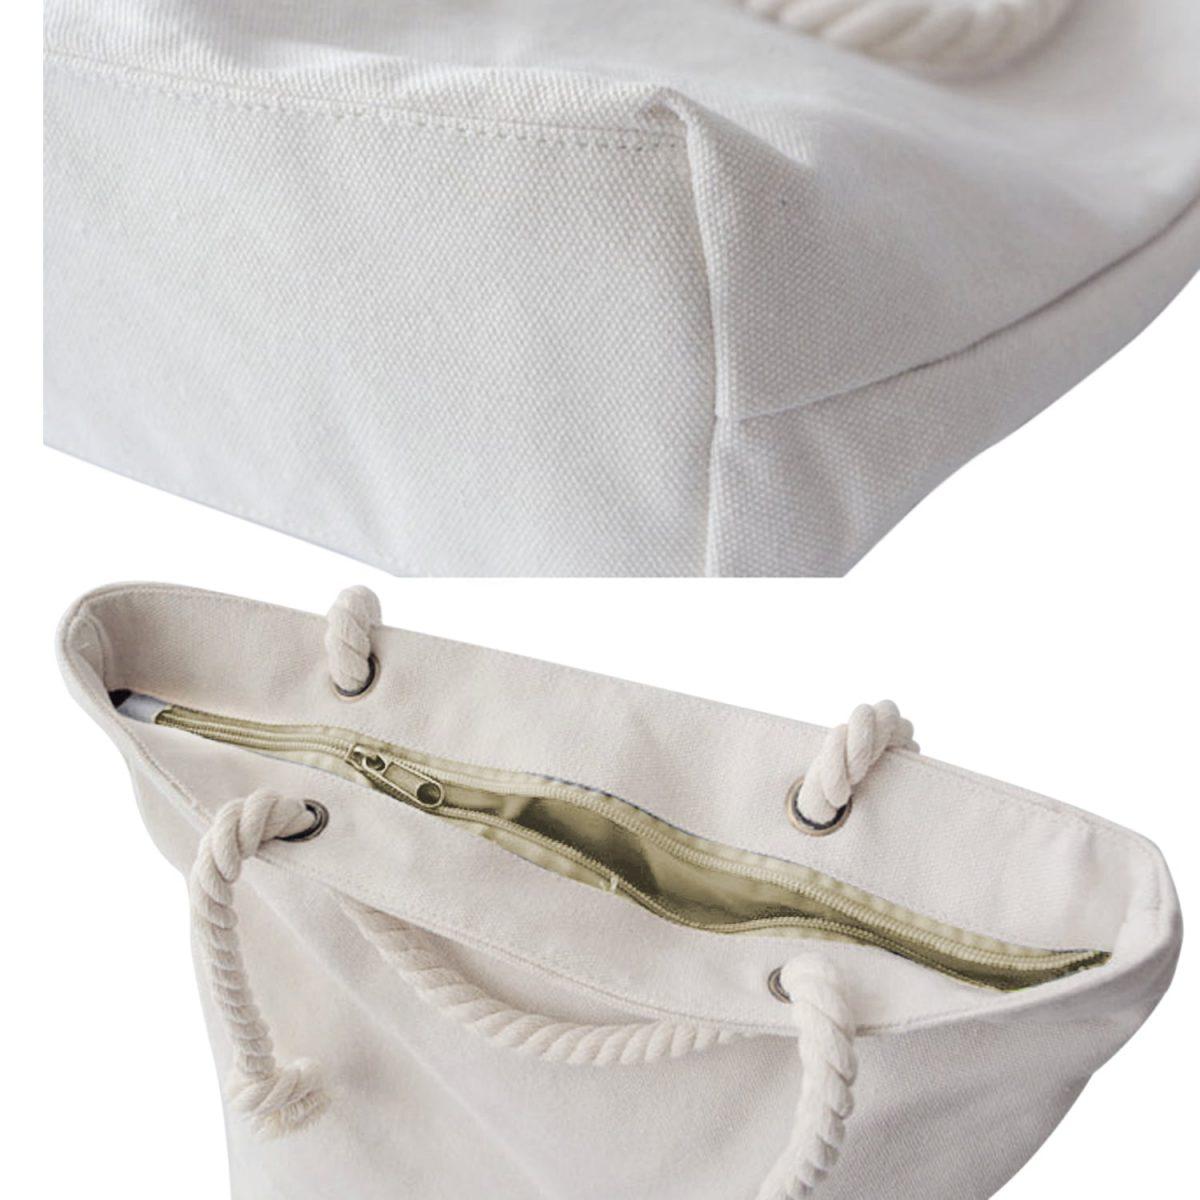 Kareli Etnik Desenli Özel Tasarım Fermuarlı Kumaş Çanta Realhomes